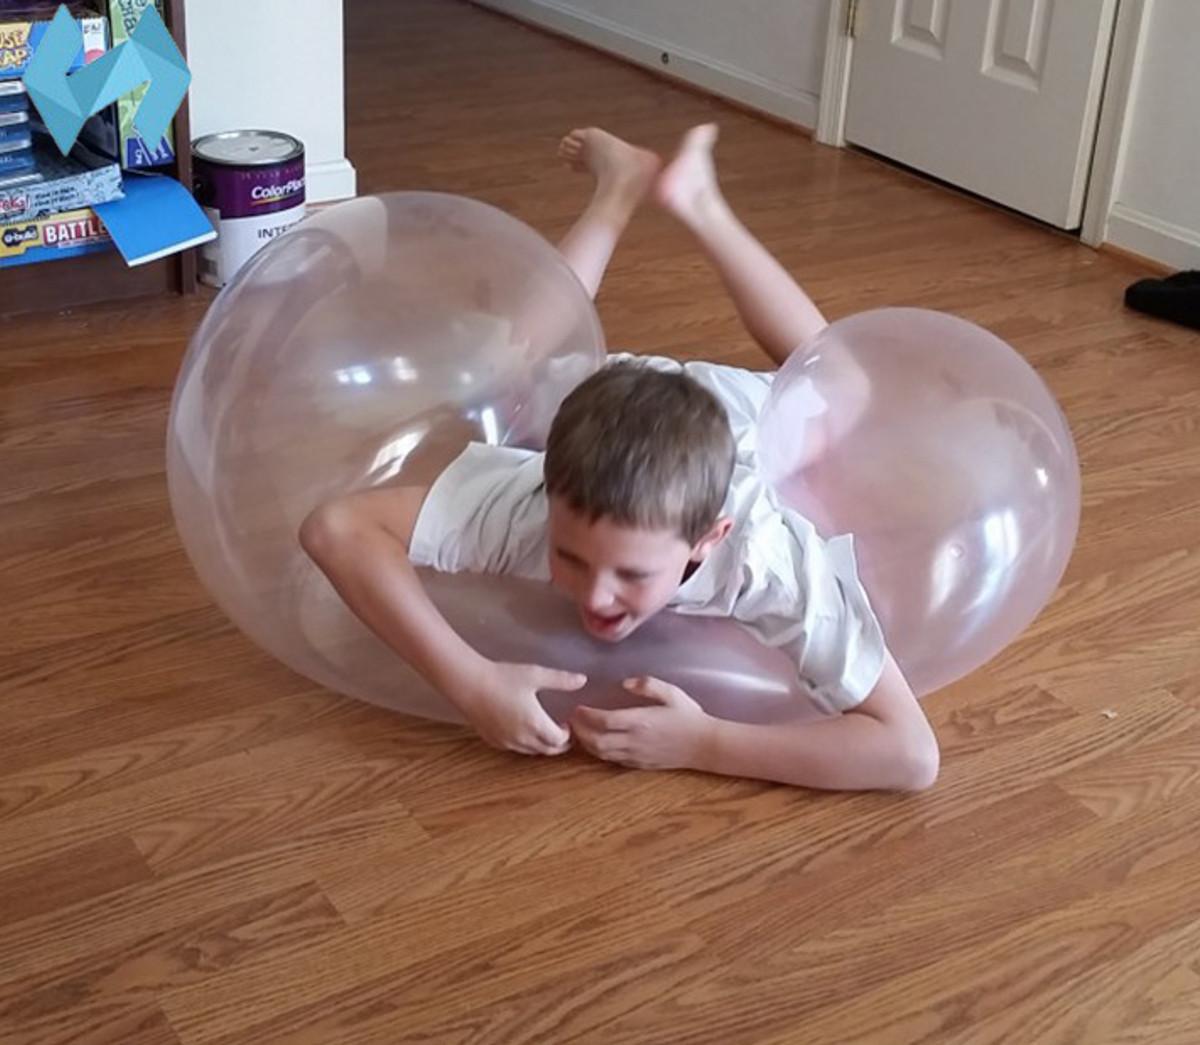 1M Amazing Tear Resistant WUBBLE Bubble Ball Kids Надувная игрушка На открытом воздухе Воспроизвести - 1TopShop